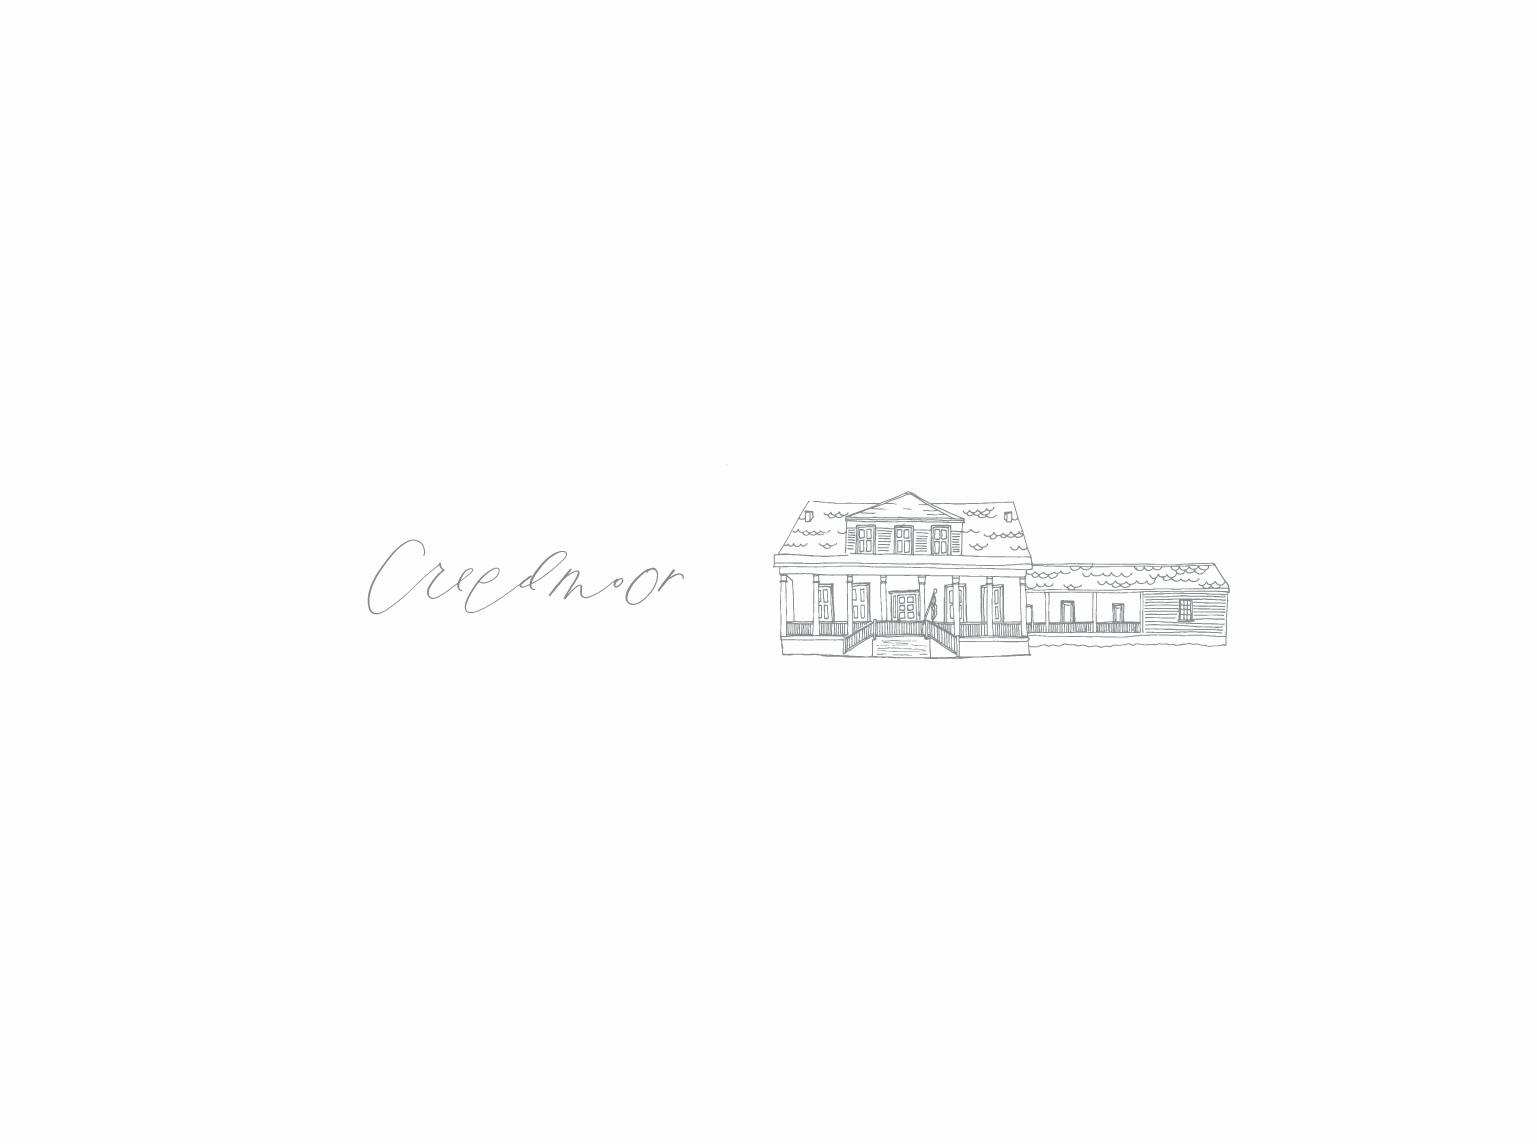 Deanna-01.png